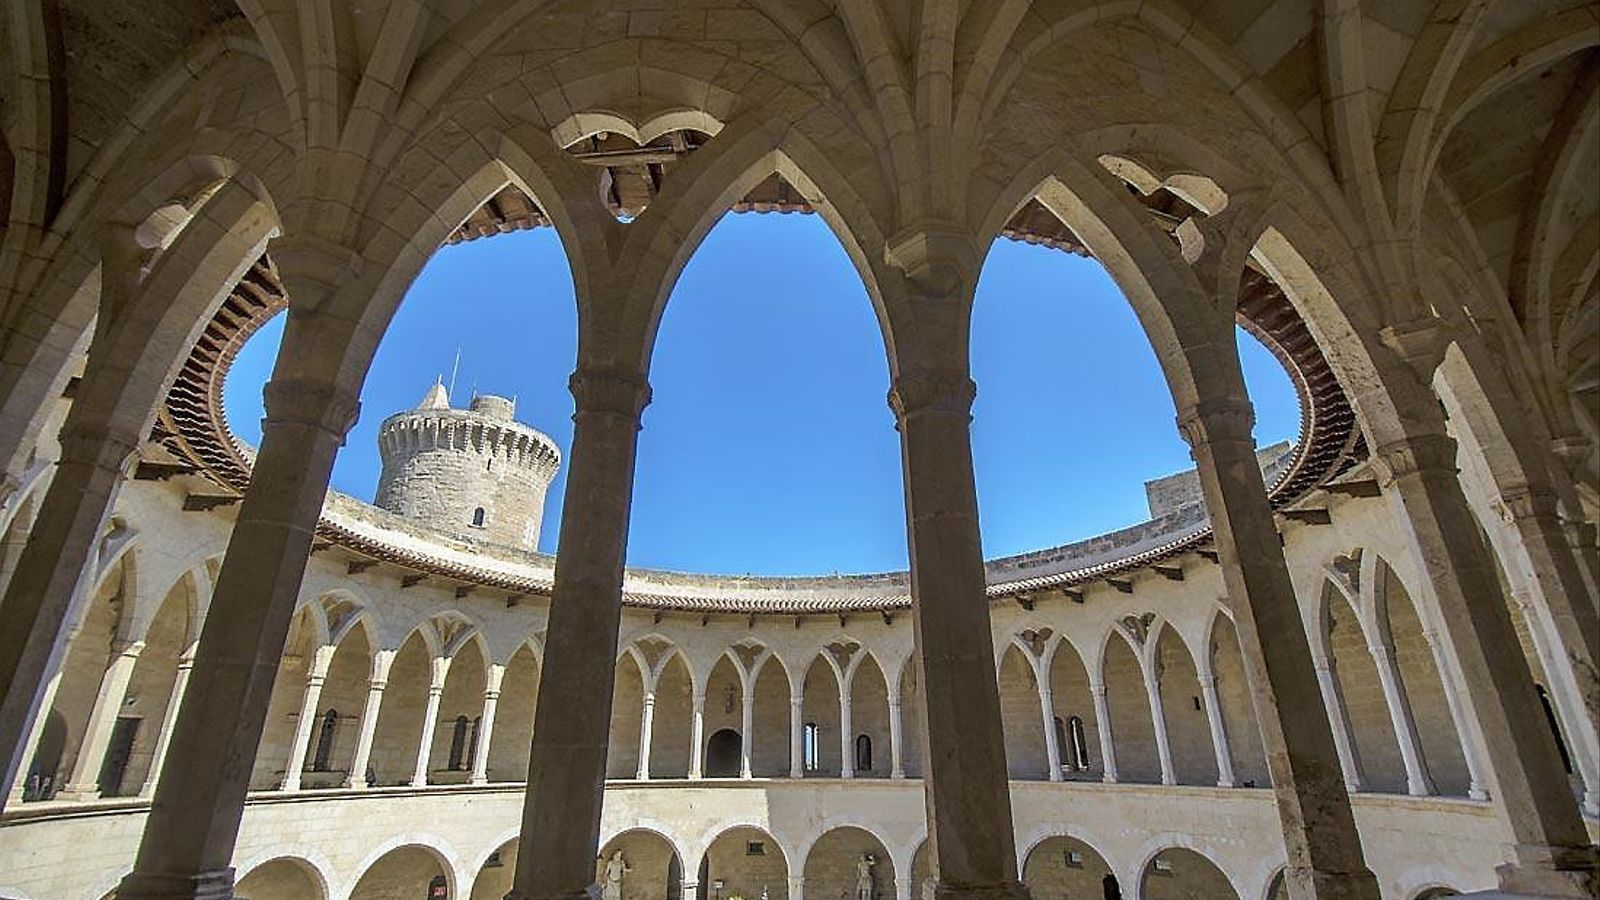 Les obres de rehabilitació del castell  començaran a principis de 2020